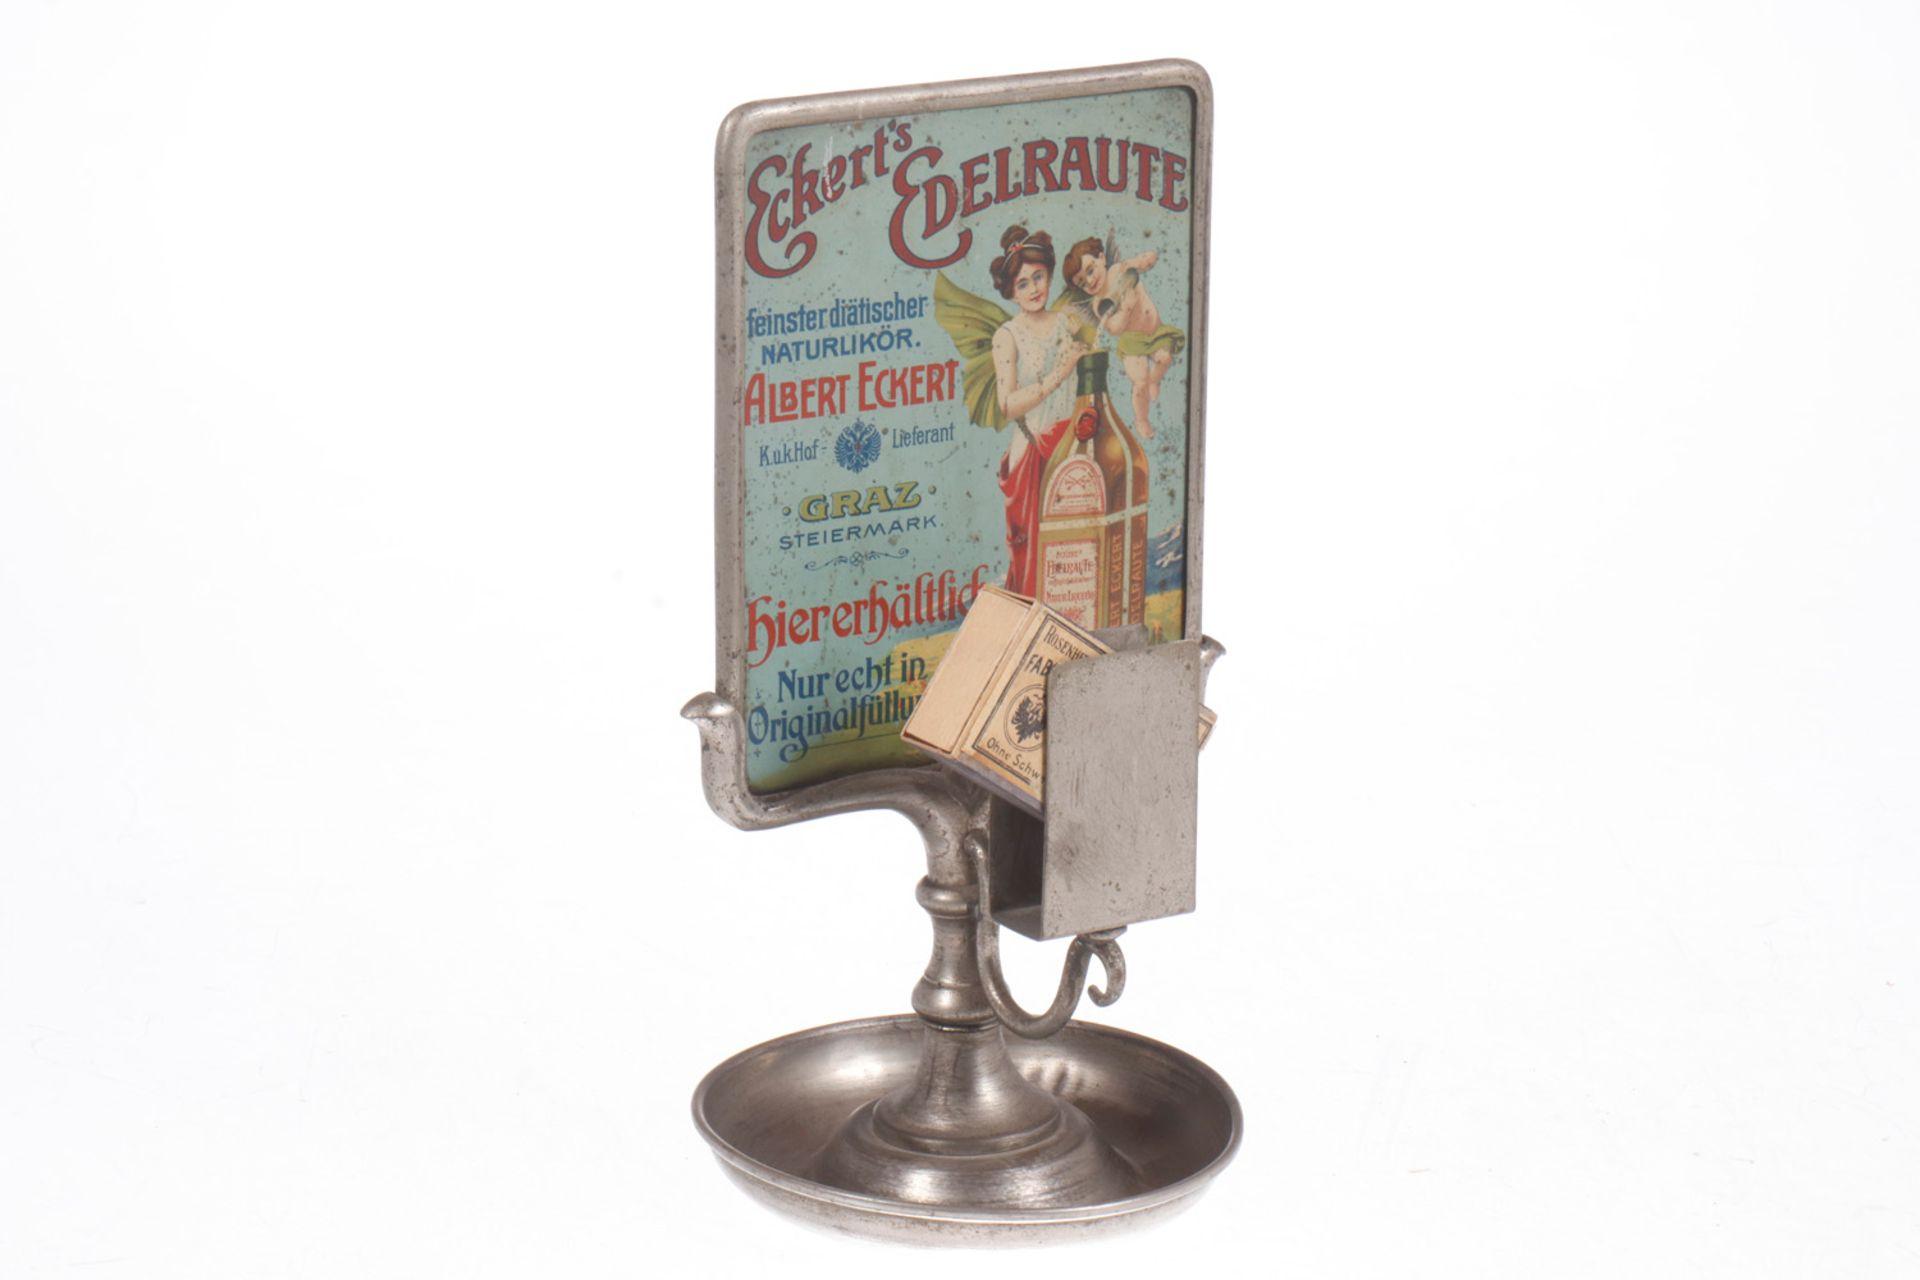 Werbeständer, um 1900, mit Aschenbecher und Streichholzhalter, Werbetafel mit lithographierter